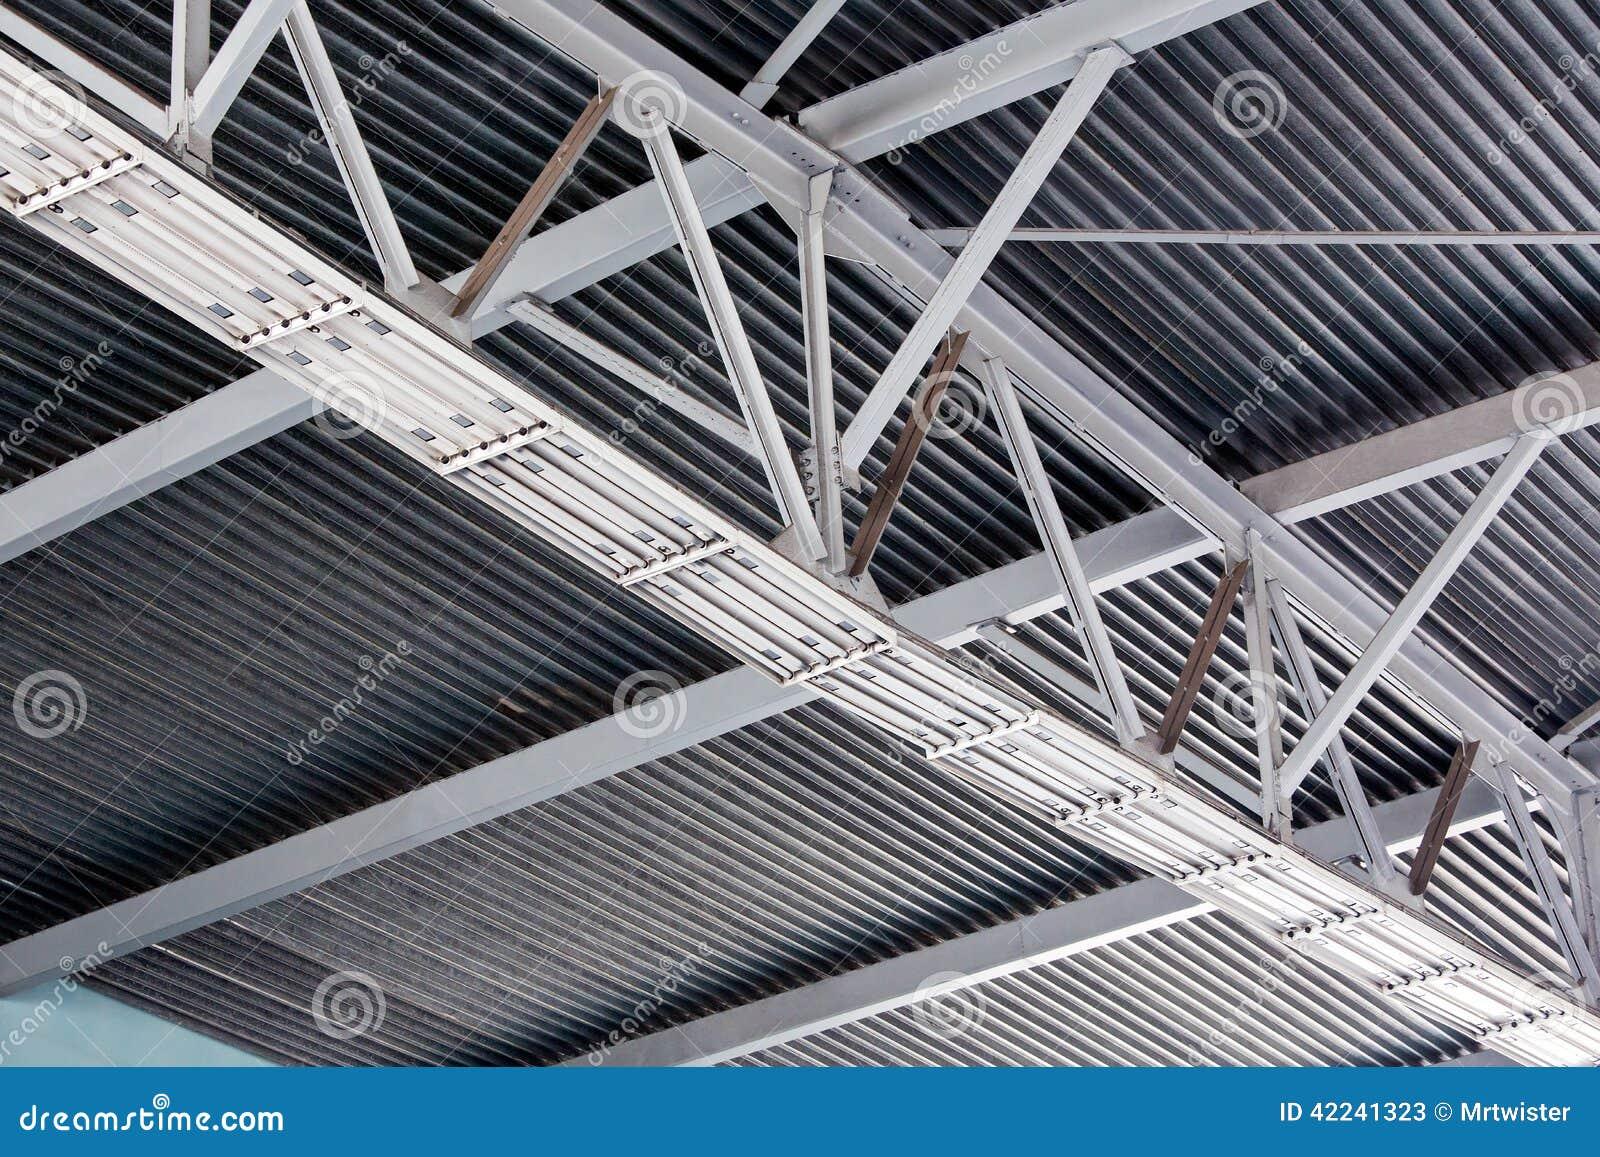 Modern metal roof inside storehouse stock image image for Modern metal roof